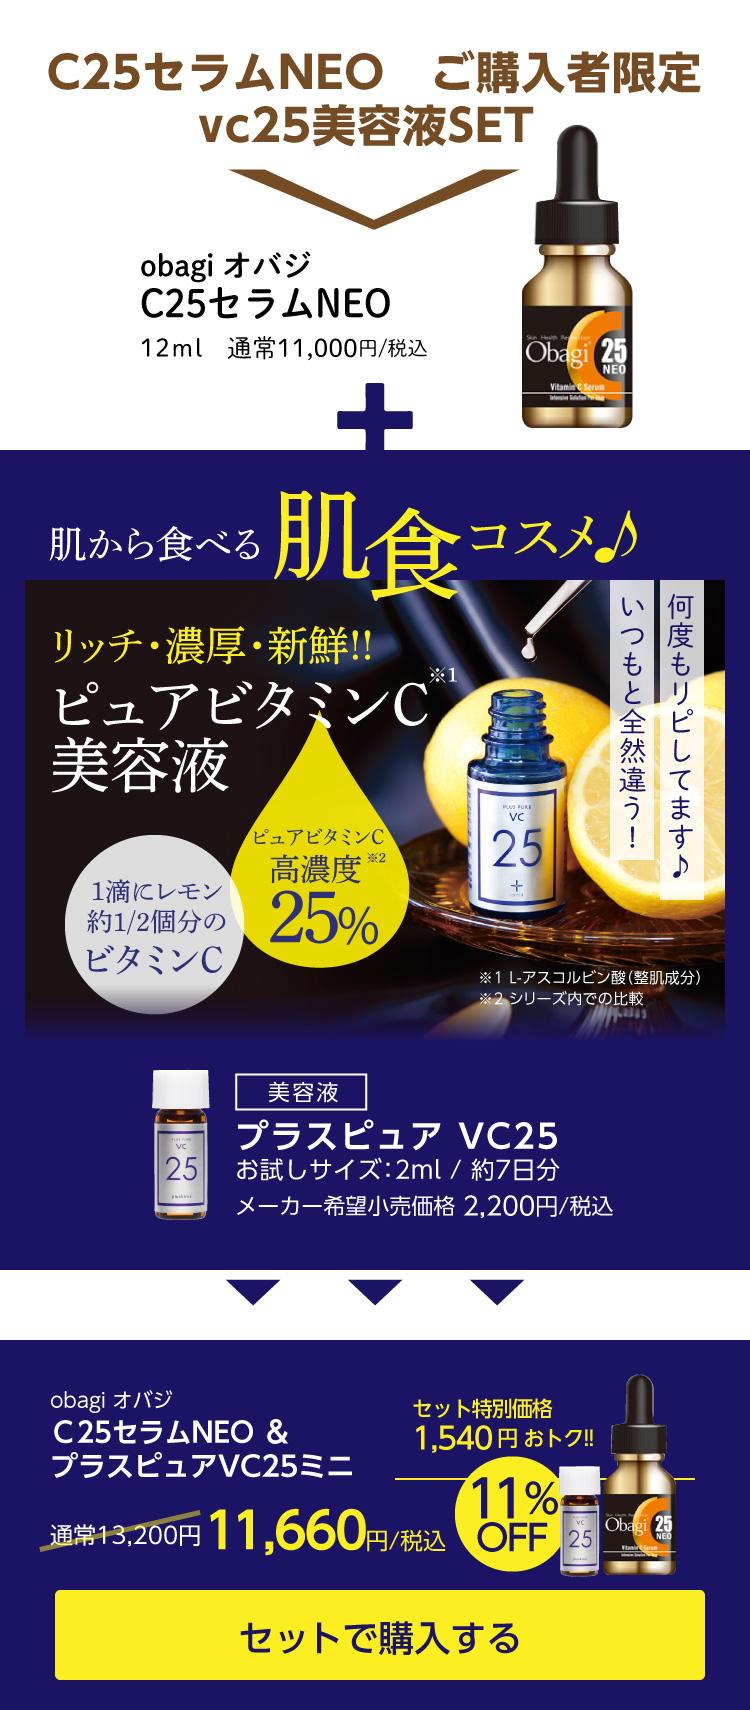 使い方 オバジ c25